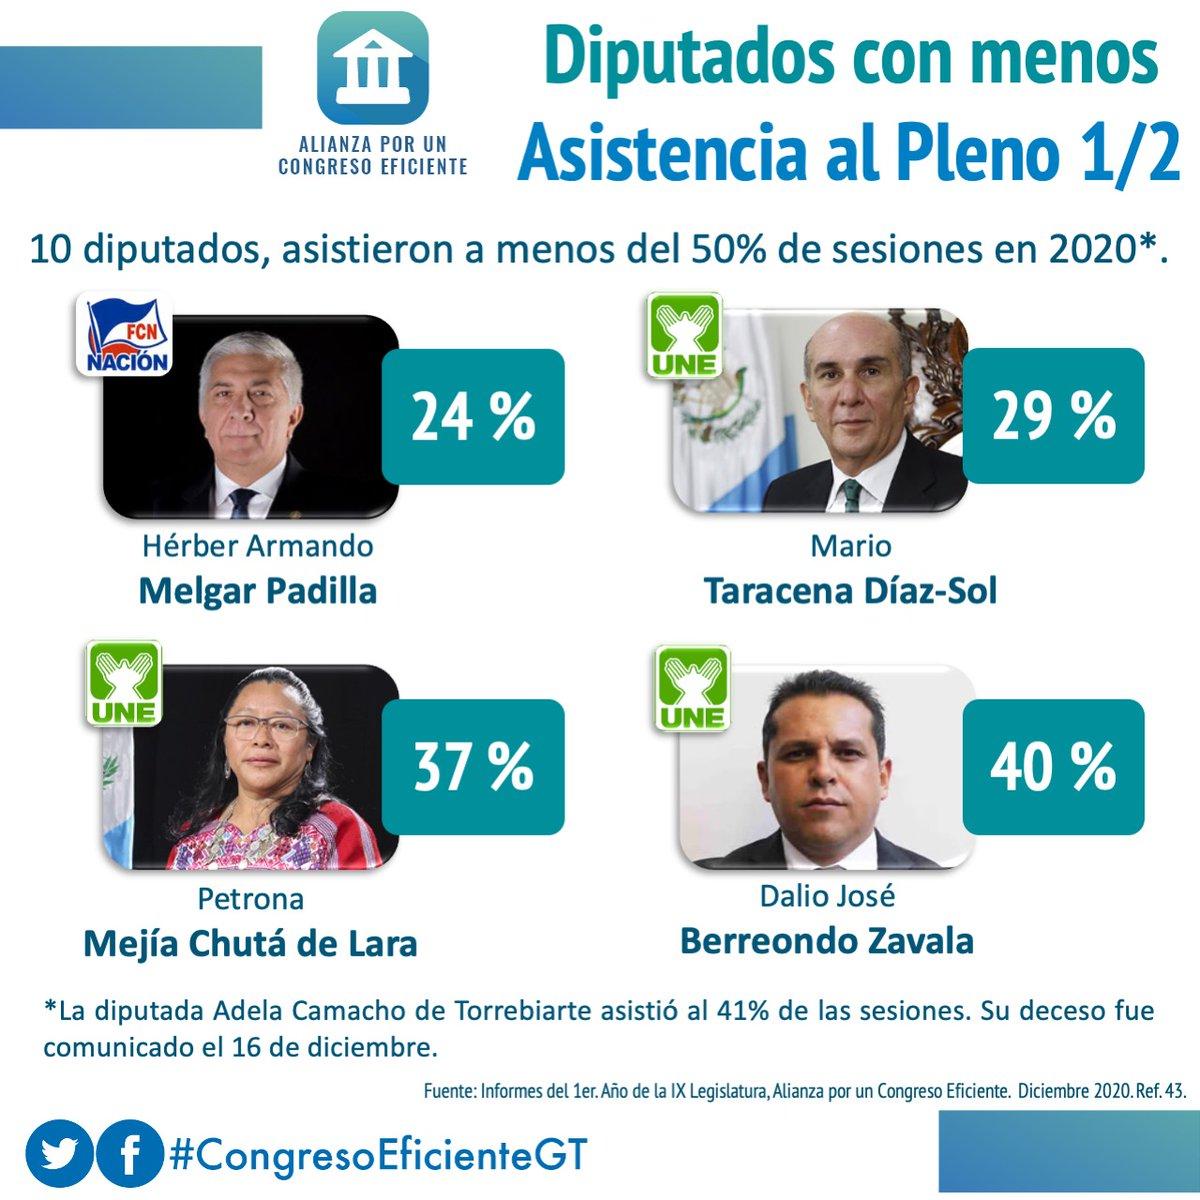 10 de 160 diputados acudieron a menos del 50% de sesiones del Pleno del @CongresoGuate en el año 2020. Sólo uno de ellos presentó excusa para todas sus ausencias, el resto faltaron en varias ocasiones sin presentar la excusa del caso.  #CongresoEficienteGT